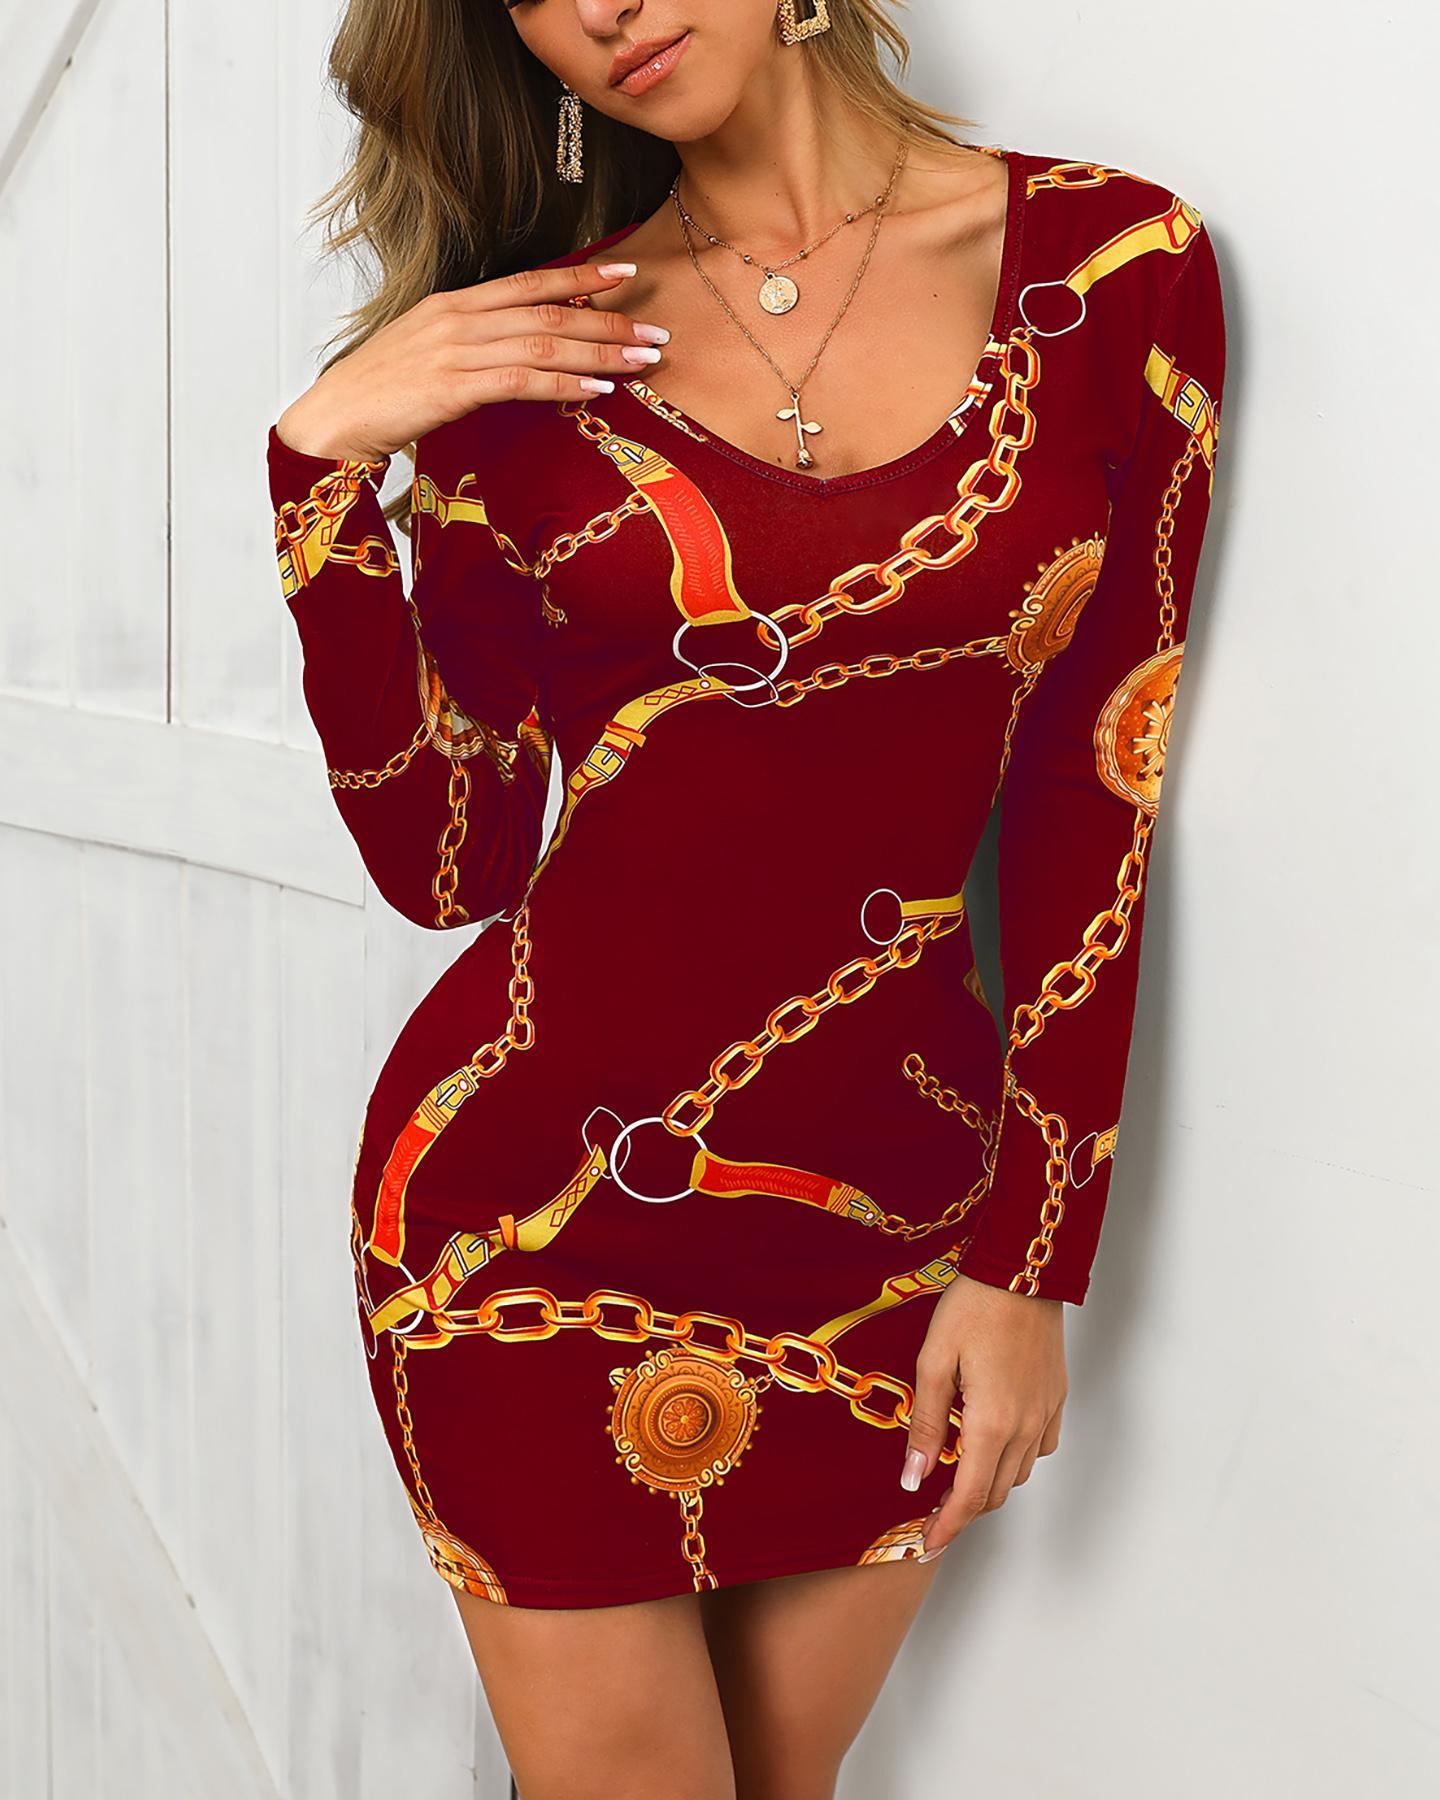 2f6475c742 One Shoulder Slit Pep Hem Bodycon Dress ivrose купить в Москве ...